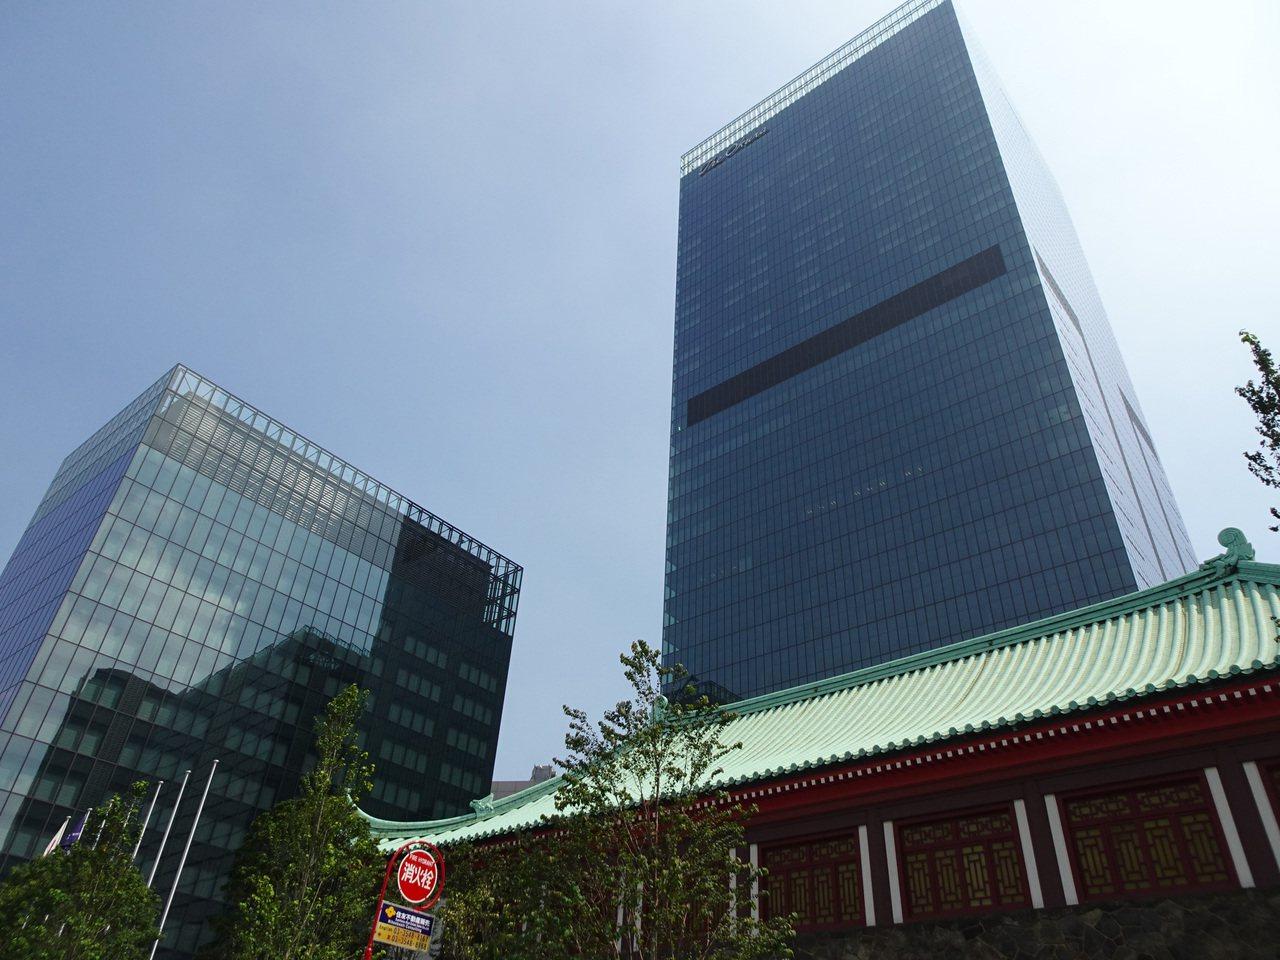 東京大倉飯店原本有本館與別館兩棟,4年前拆除本館原址改建,斥資約新台幣291億元...